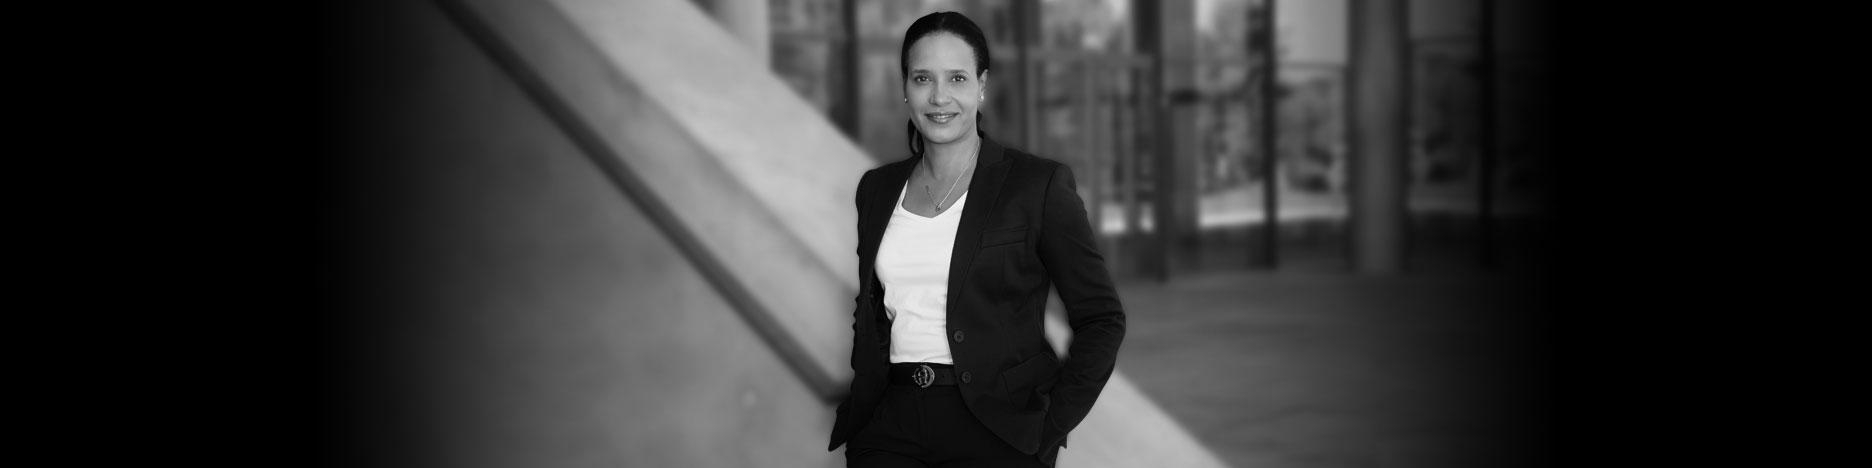 Gabriele Herz - Coach für systemisches Business Coaching und Eignungsdiagnostik, München